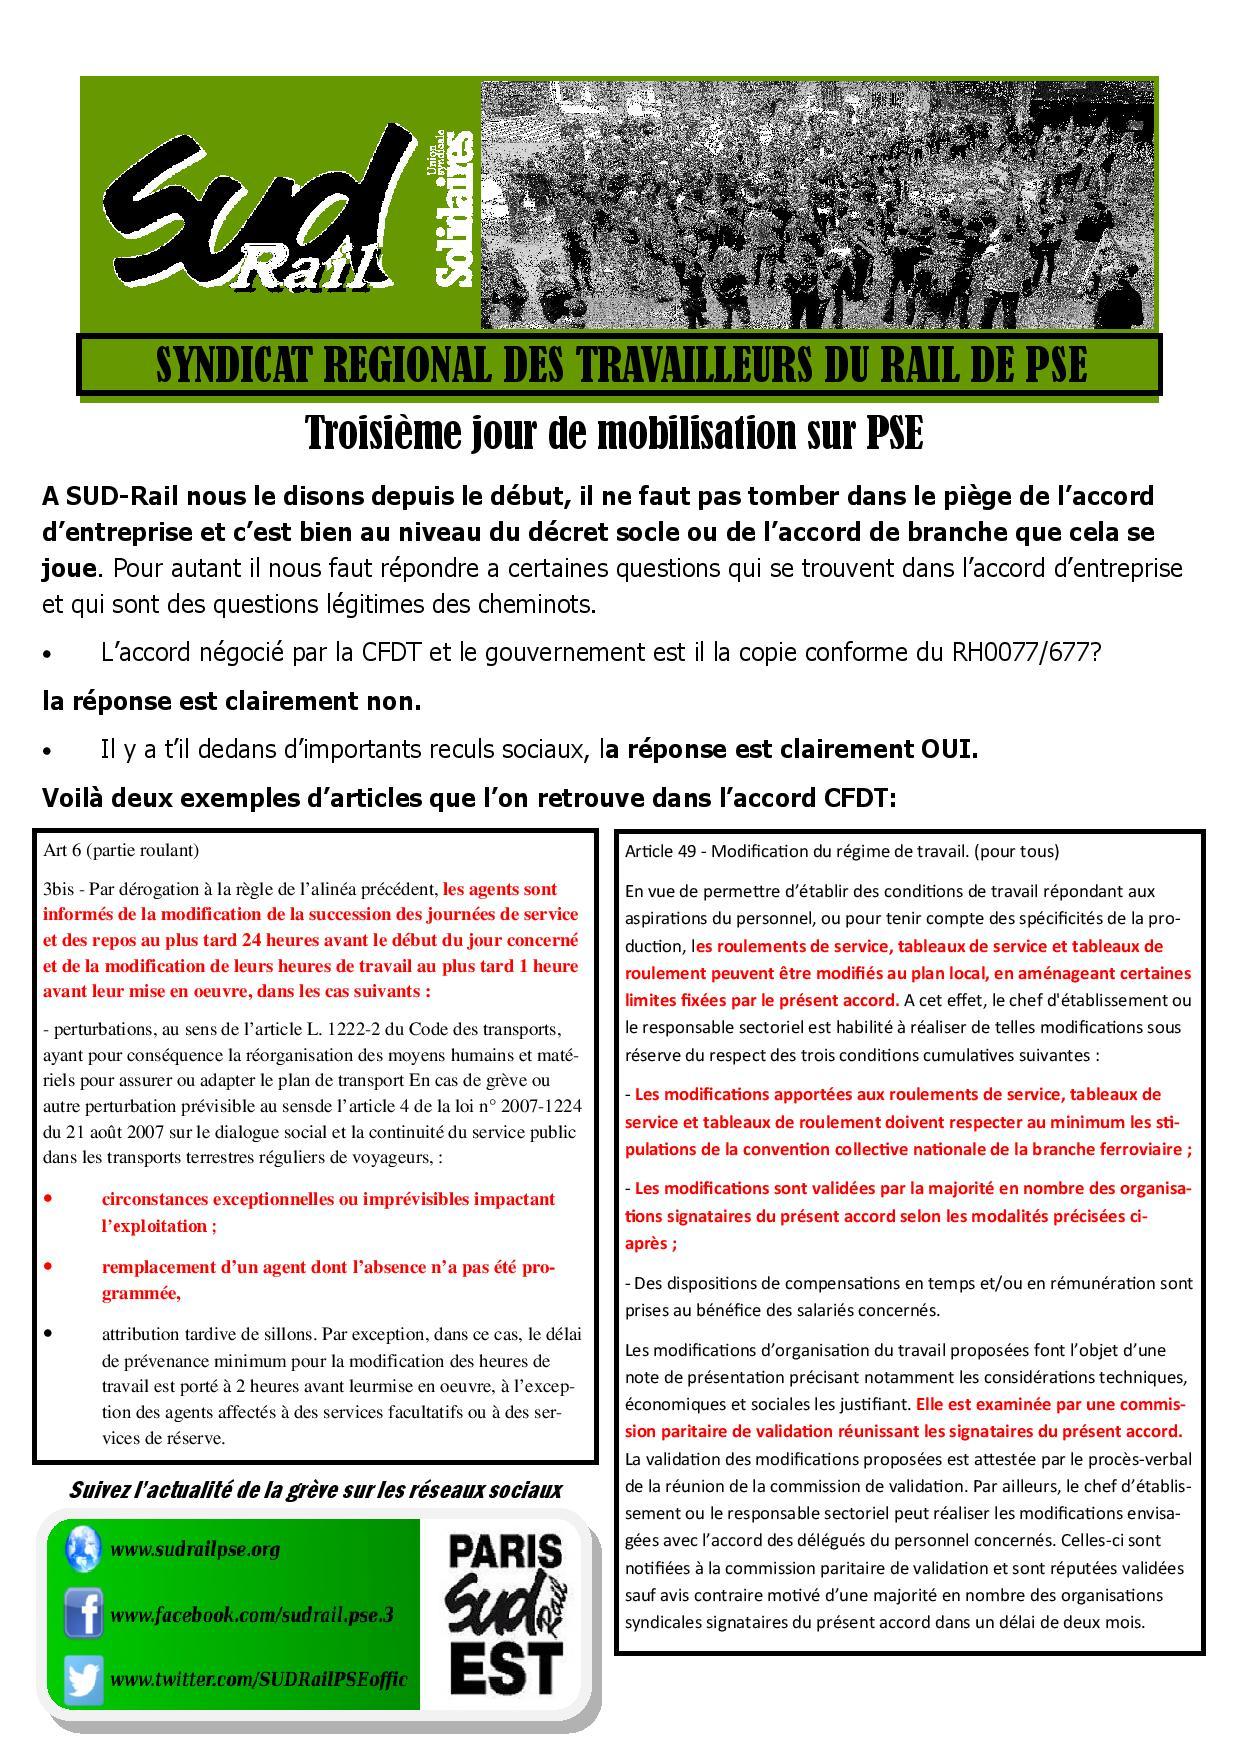 La grève PSE tract 3-page-001